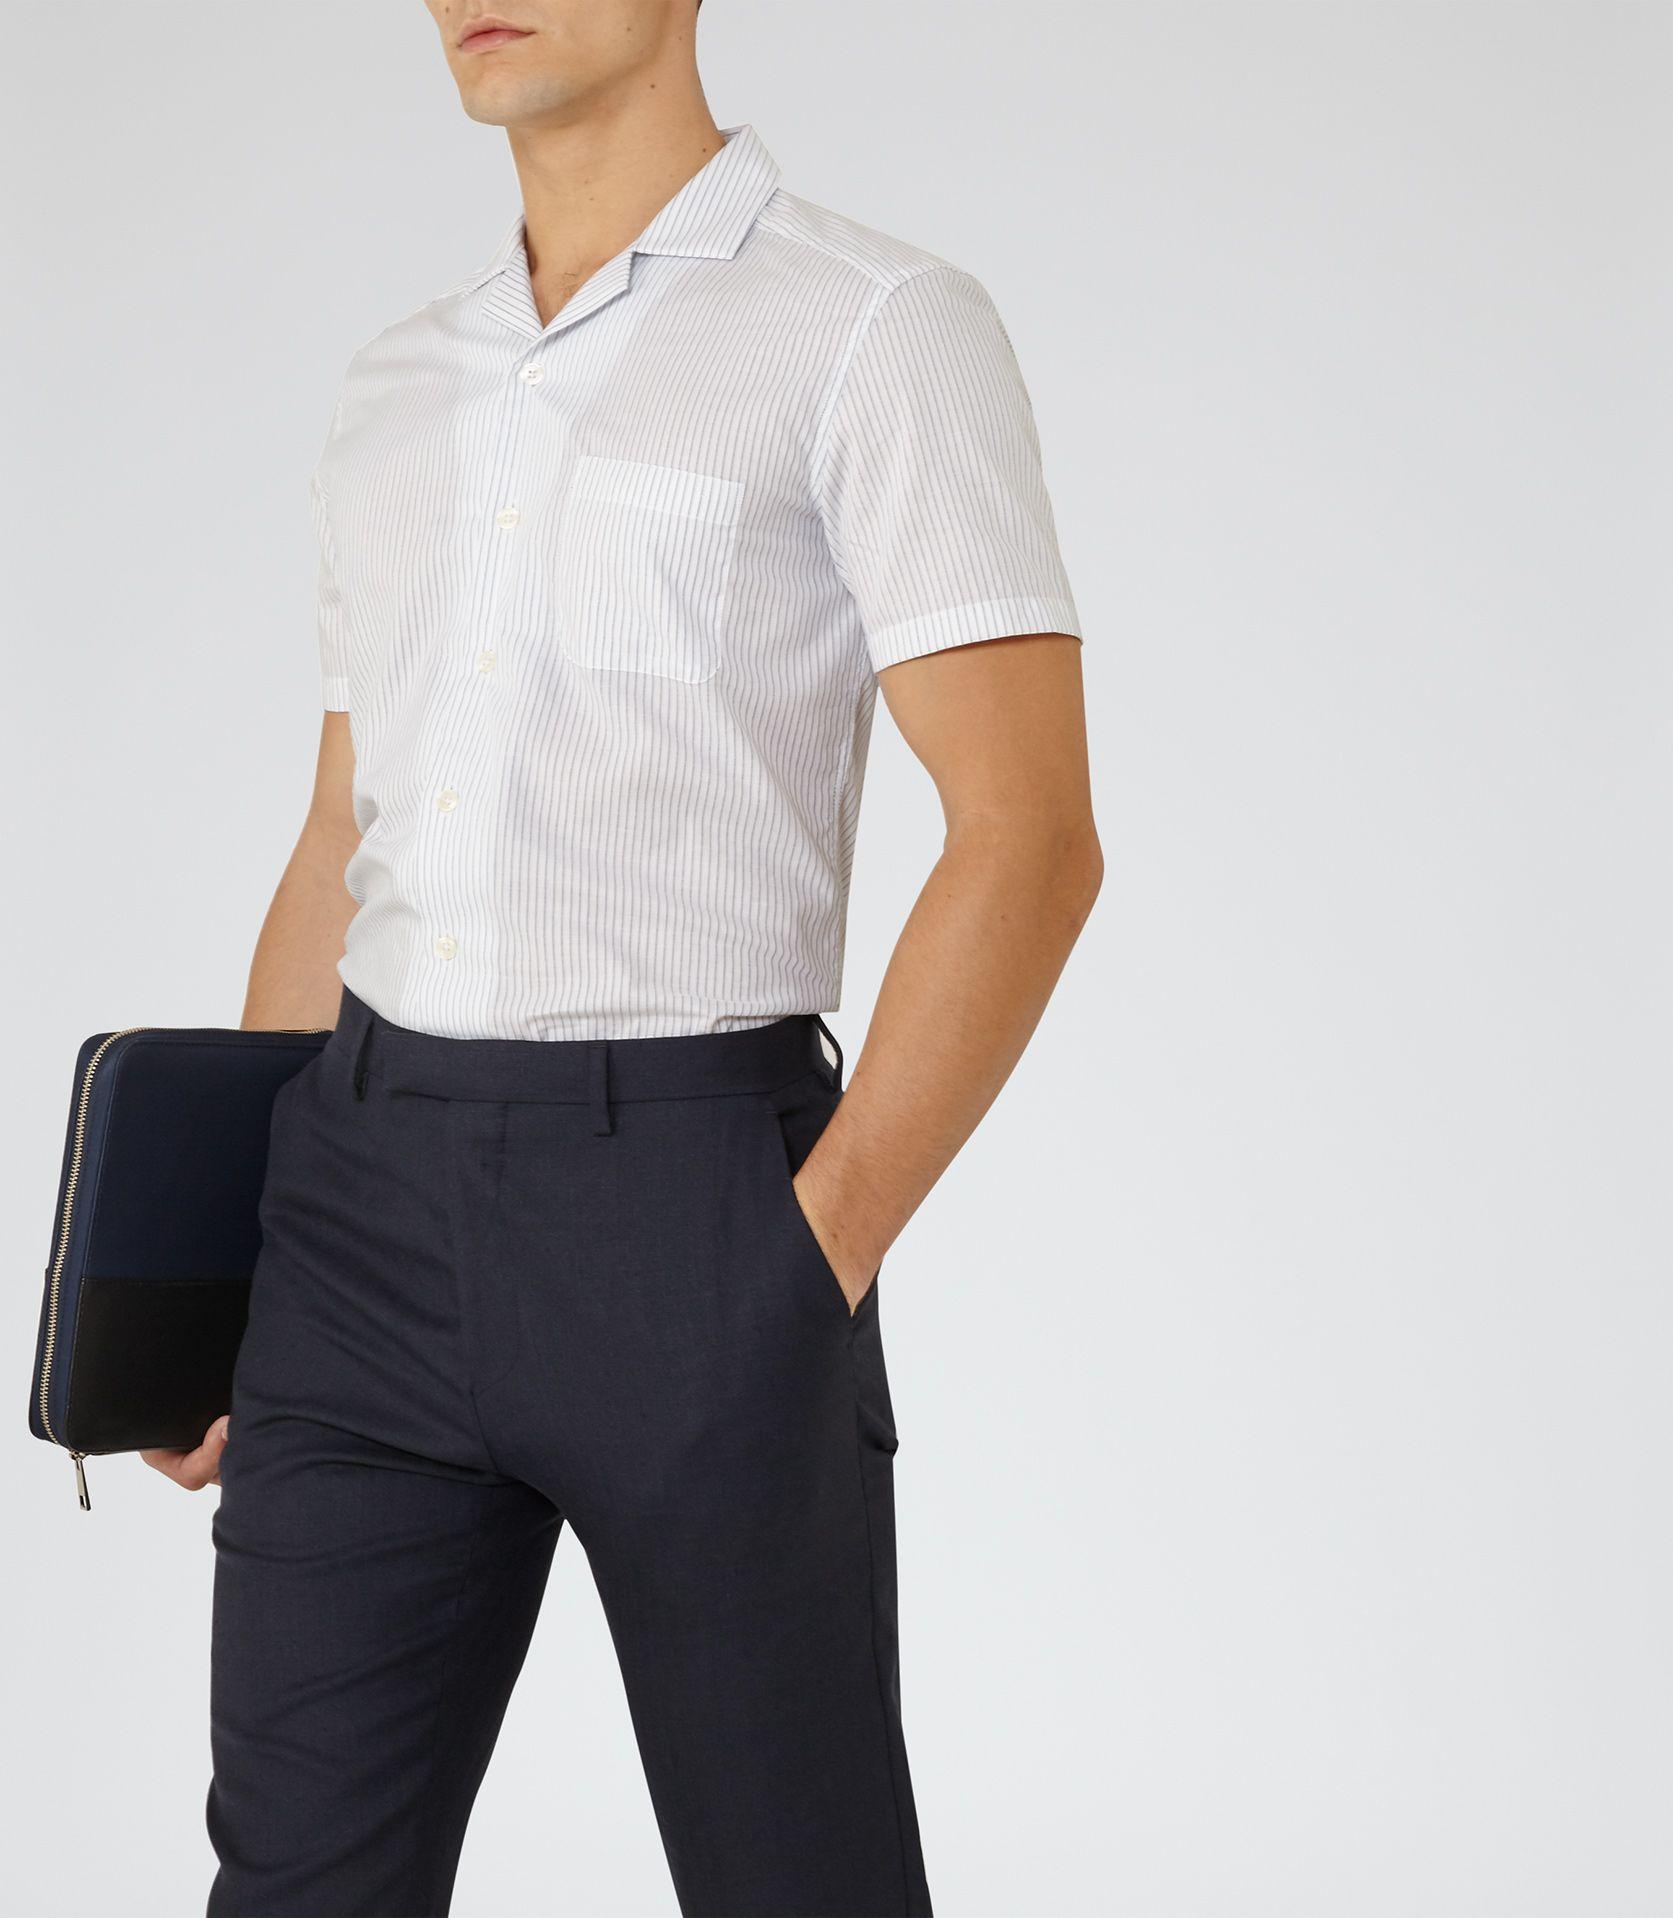 2daa5a644 Mens White Stripe Cuban Collar Shirt - Reiss Scarlet